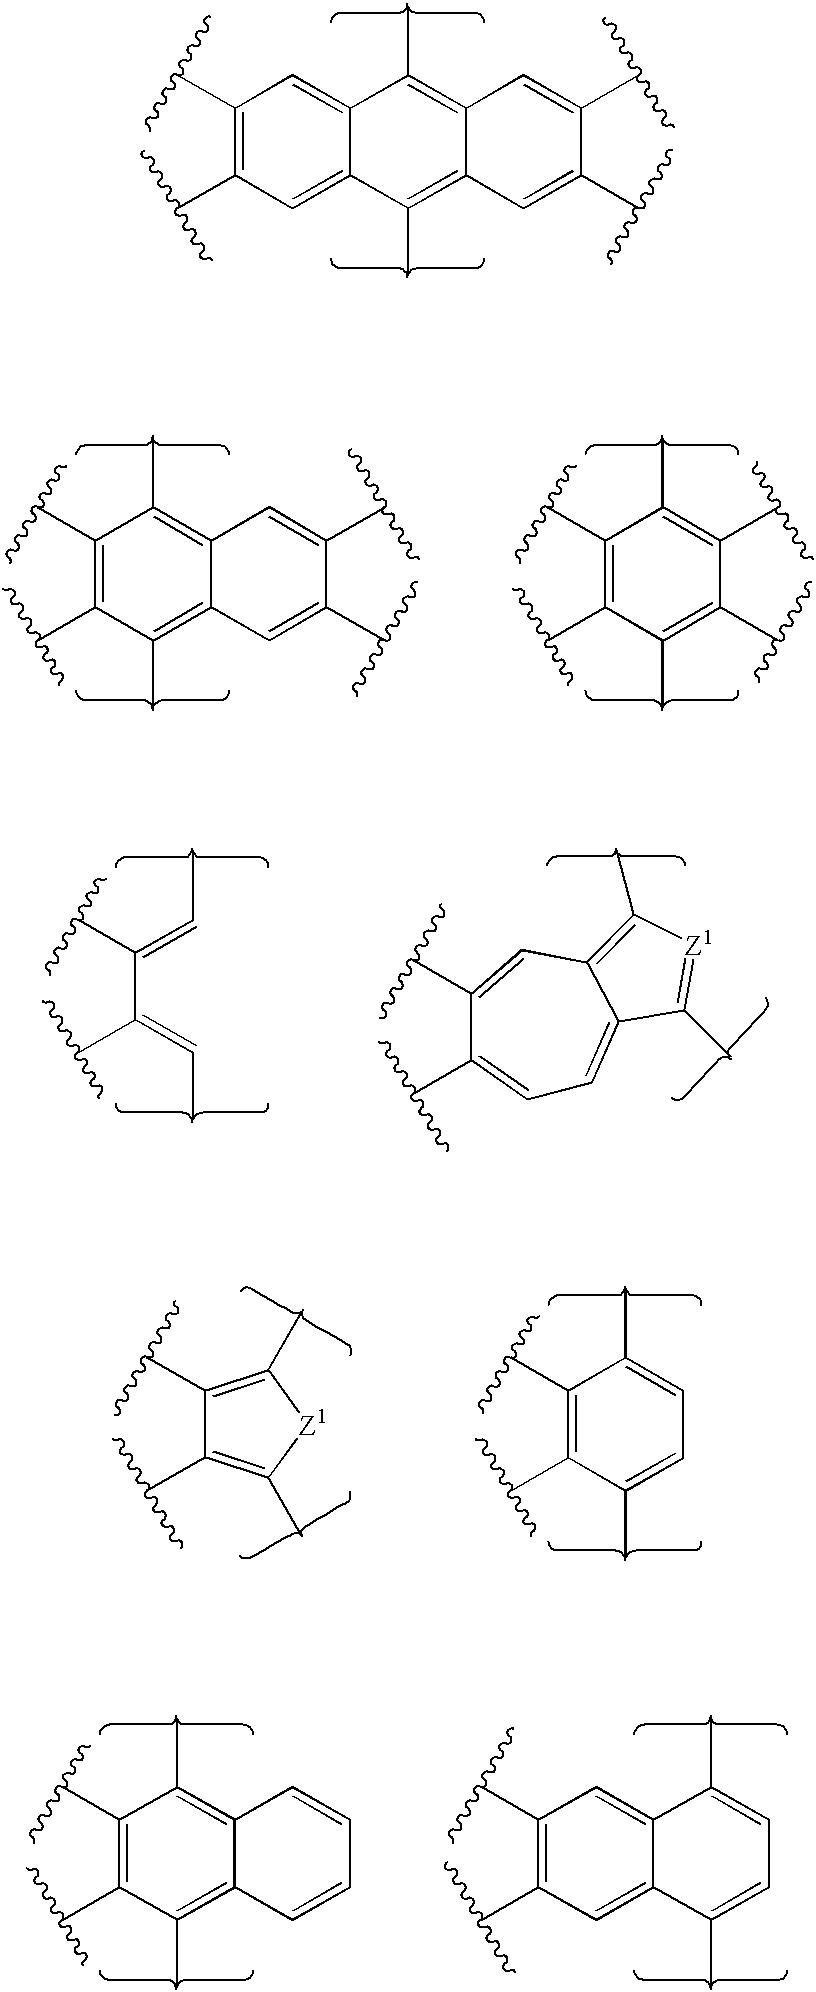 Figure US20060120923A1-20060608-C00009